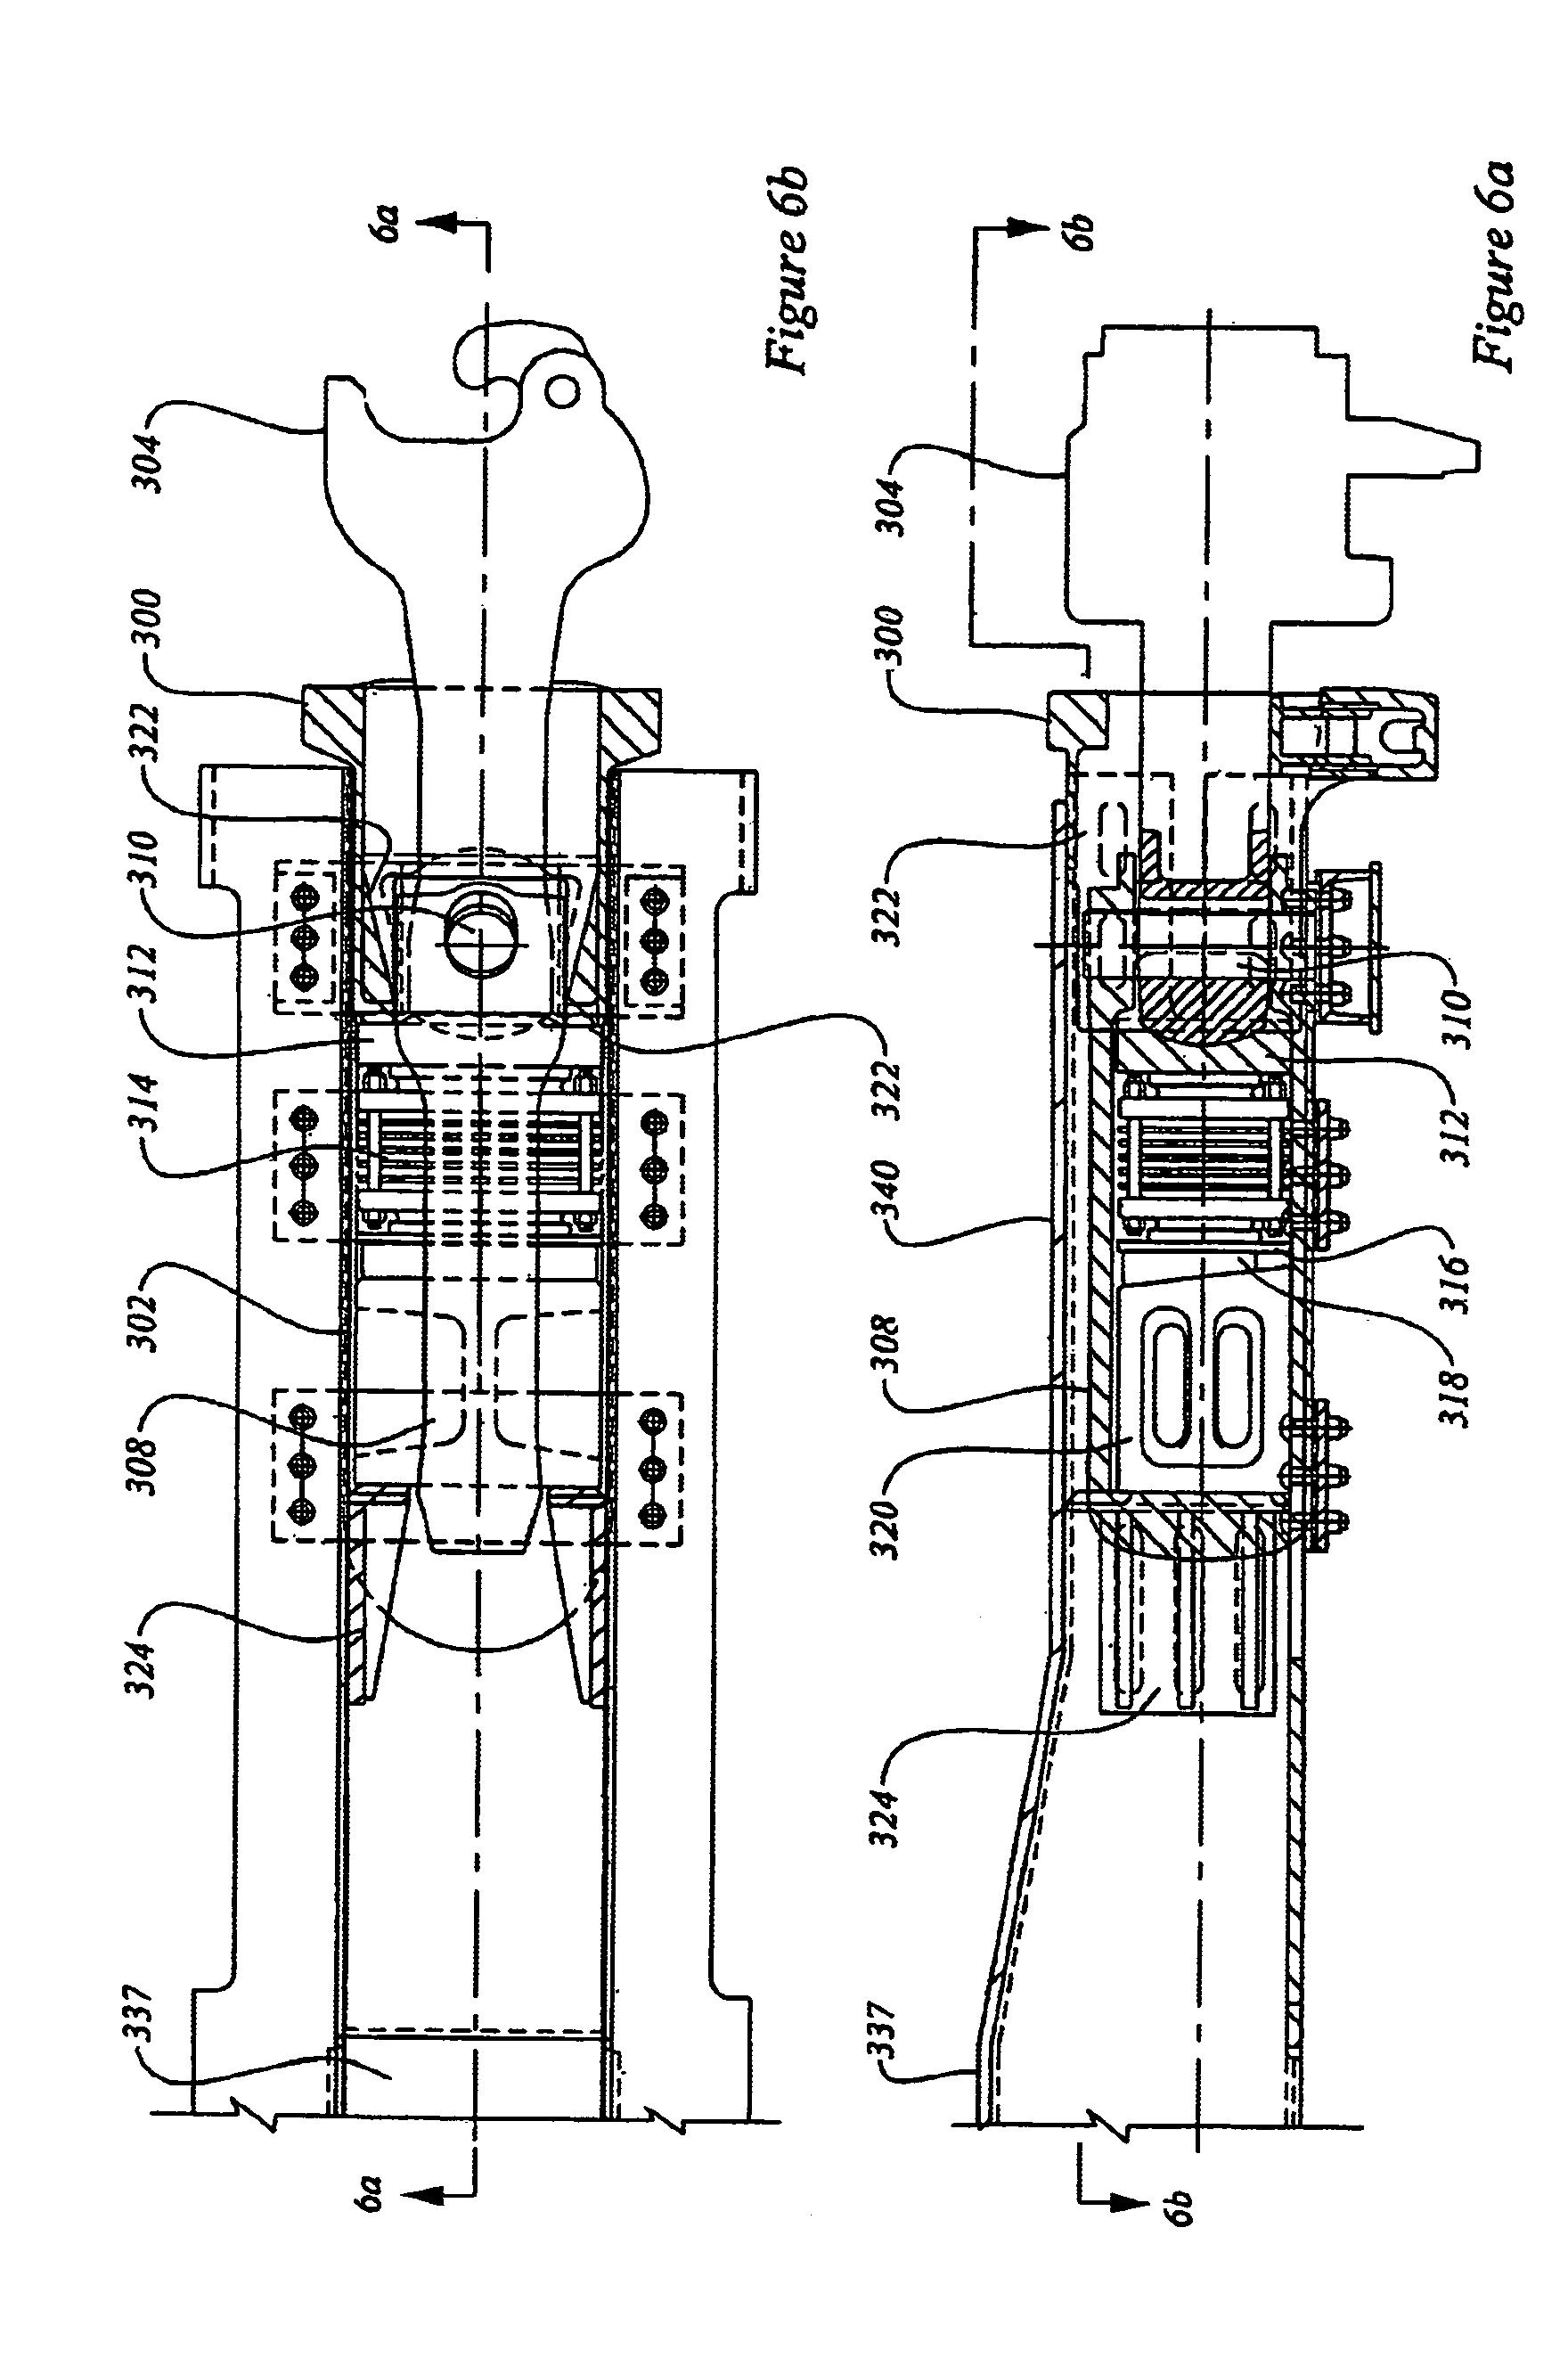 inverter type air conditioner circuit diagram